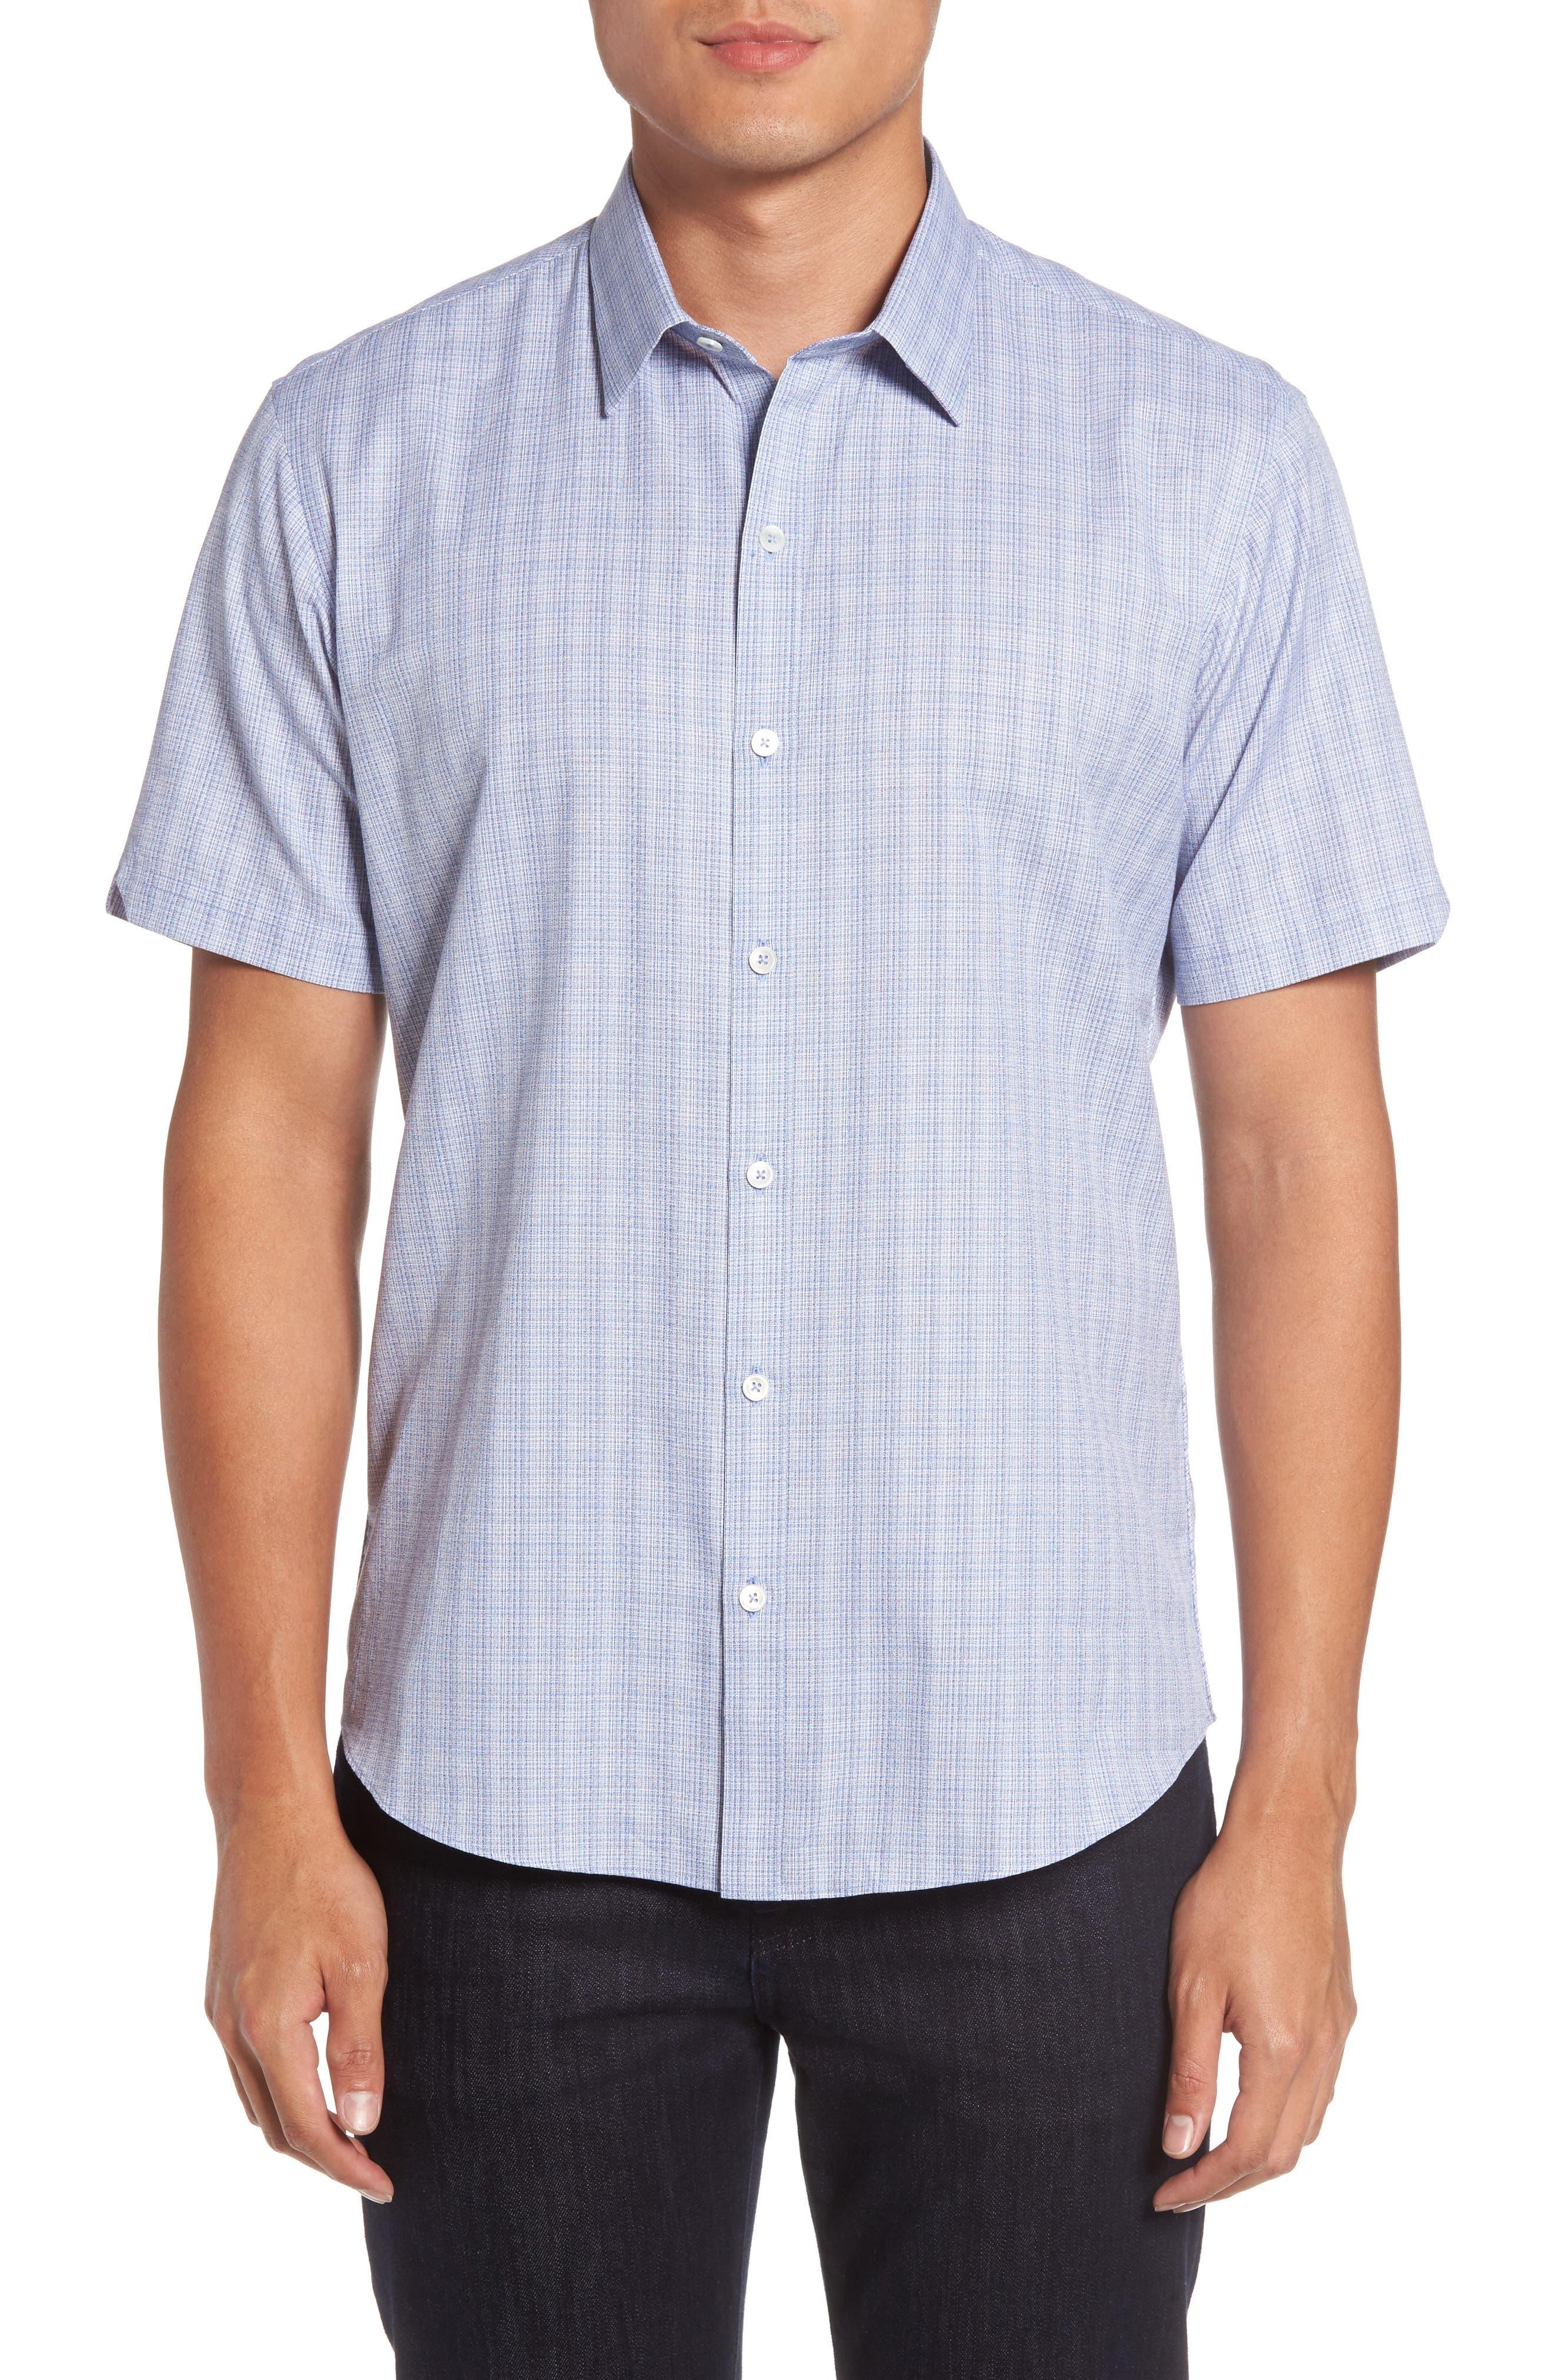 Zimmerman Check Sport Shirt,                             Main thumbnail 1, color,                             400